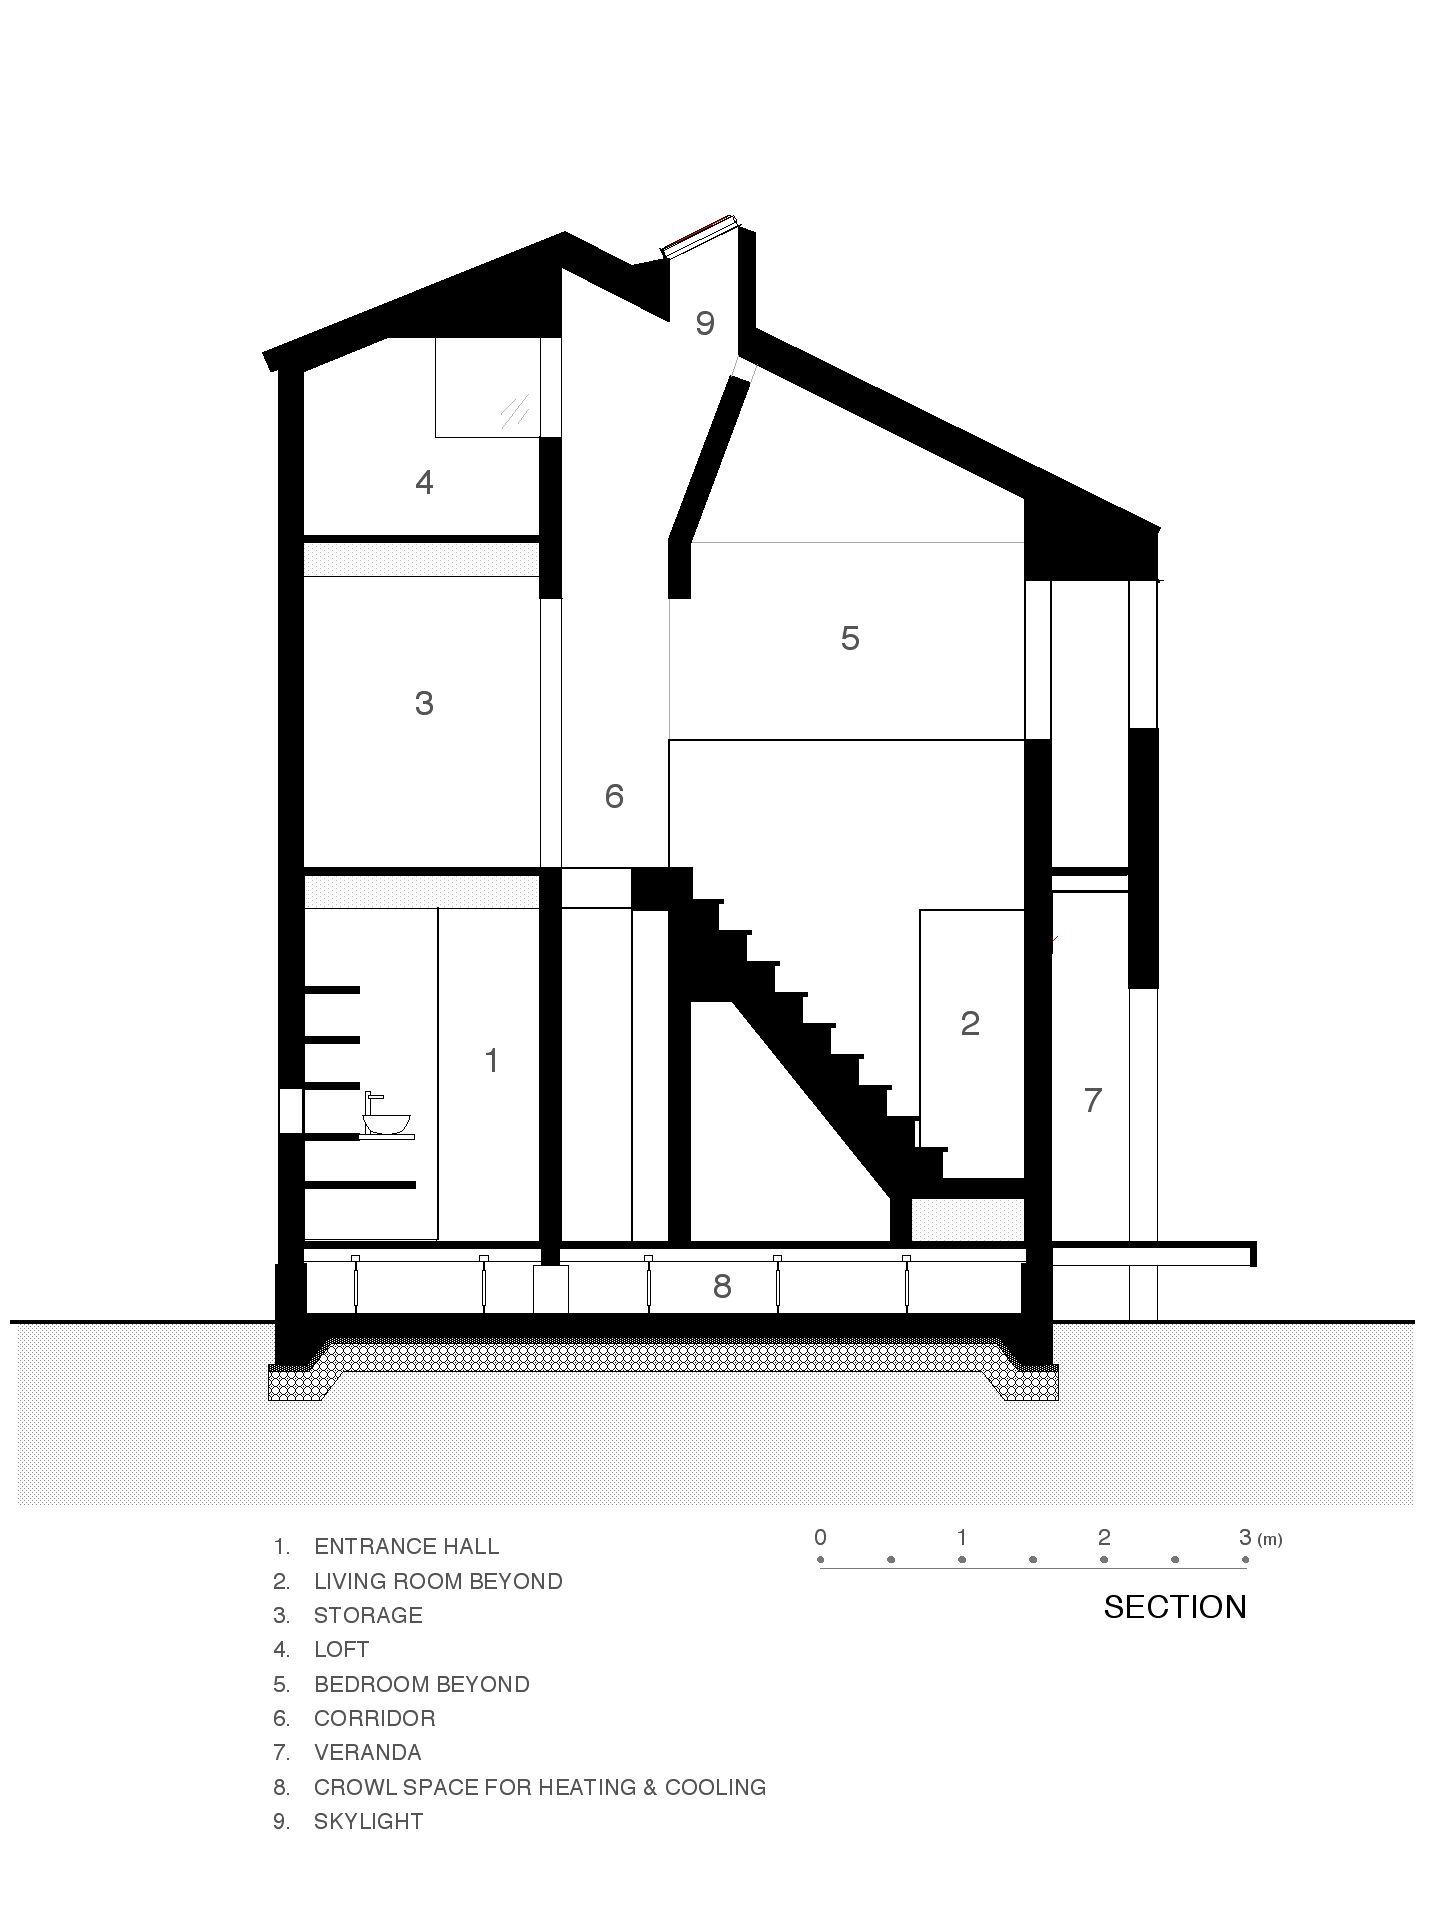 Section by Junko Yamamoto